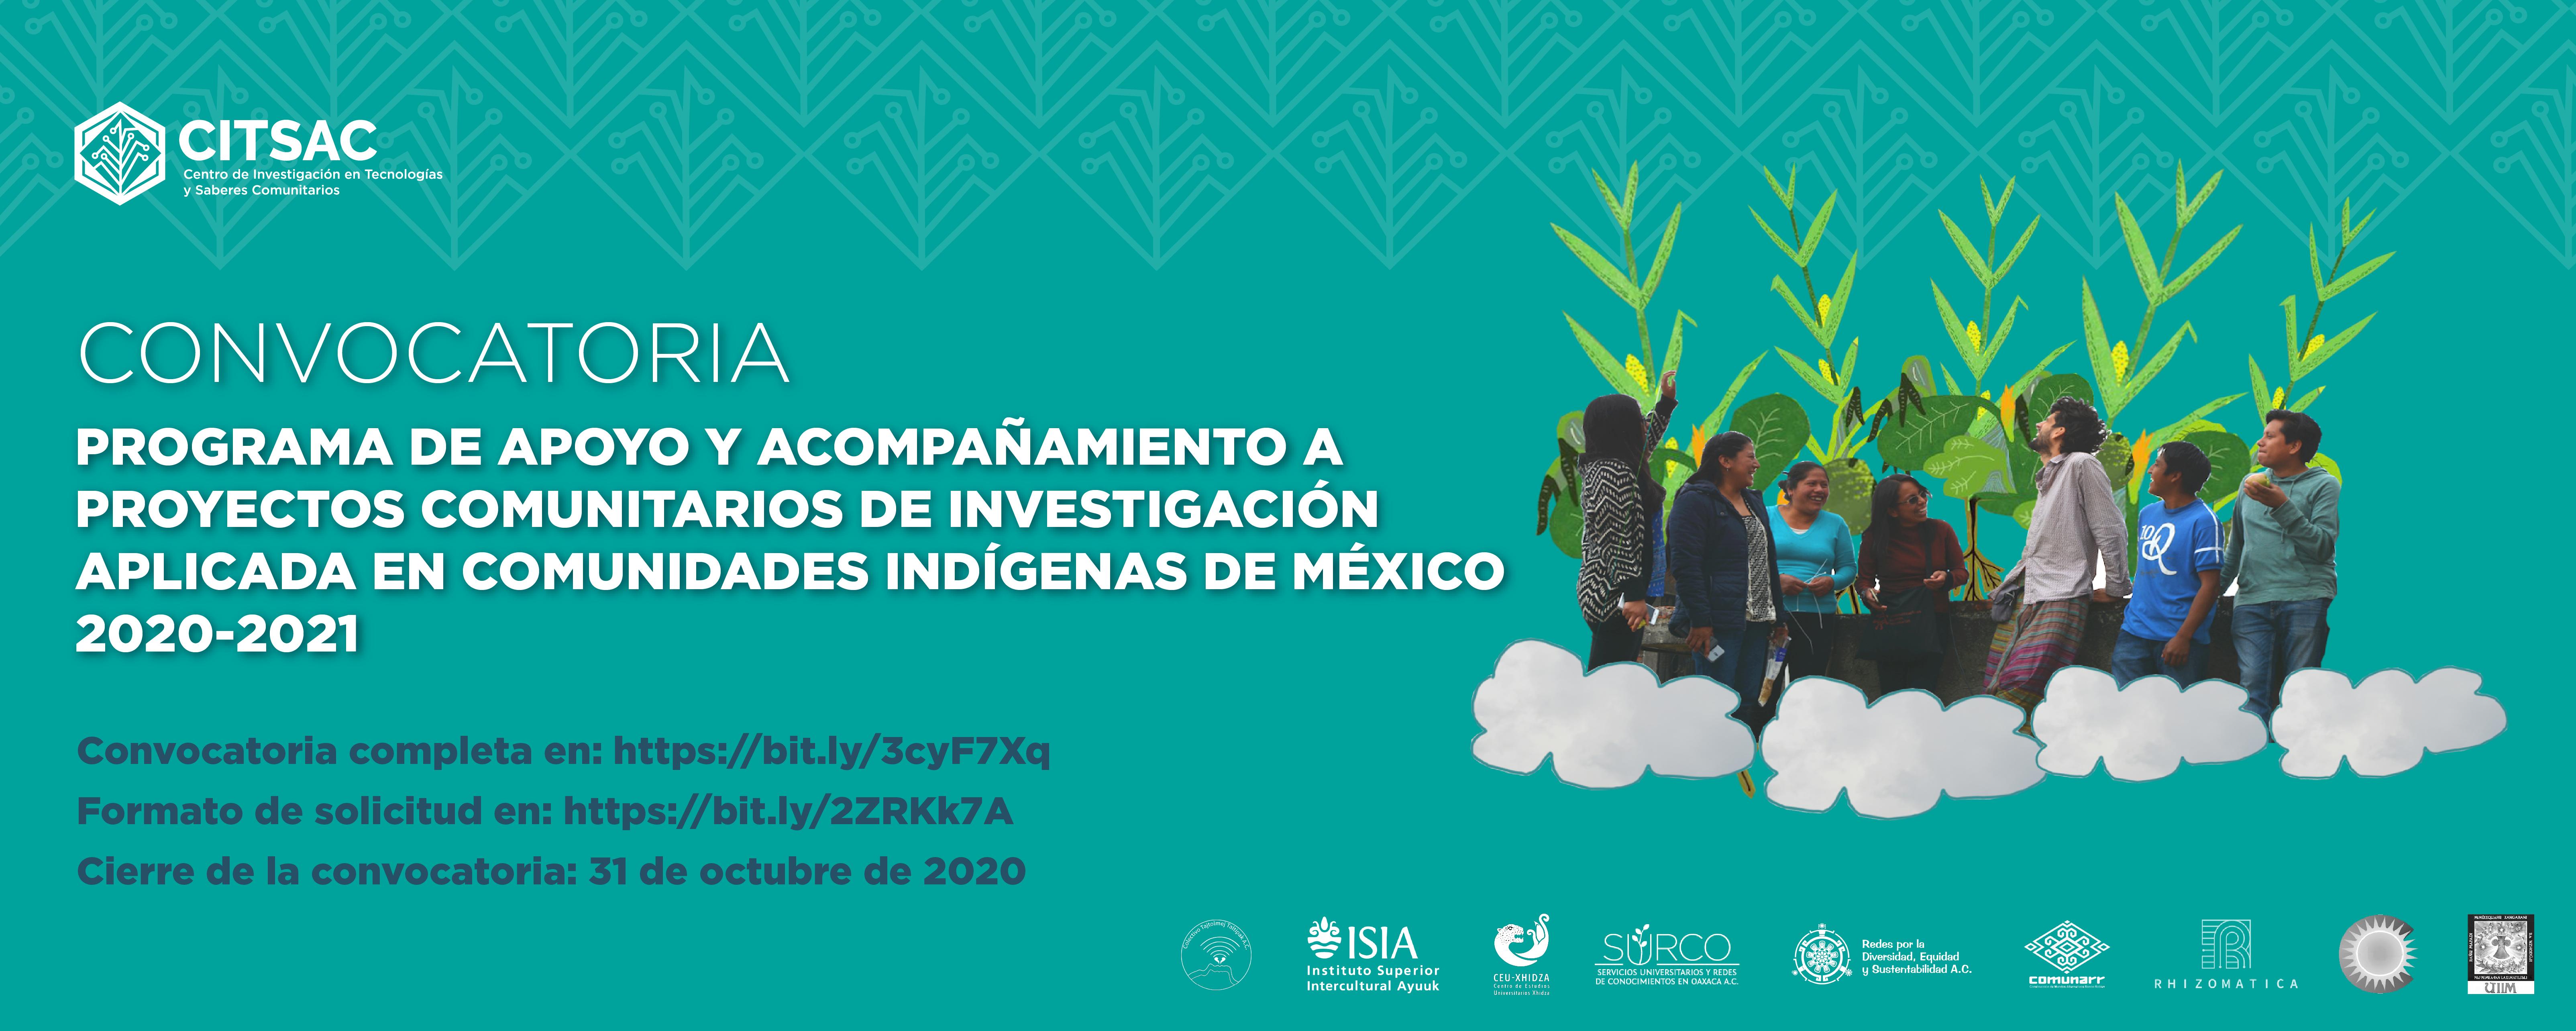 Convocatoria: Programa de apoyo y acompañamiento a proyectos comunitarios de investigación aplicada en comunidades indígenas de México 2020-2021